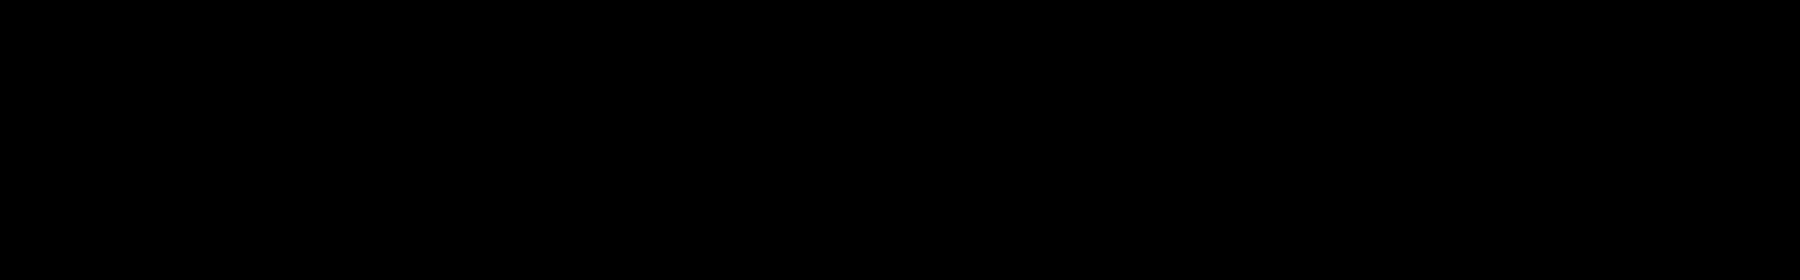 Dark Tech audio waveform